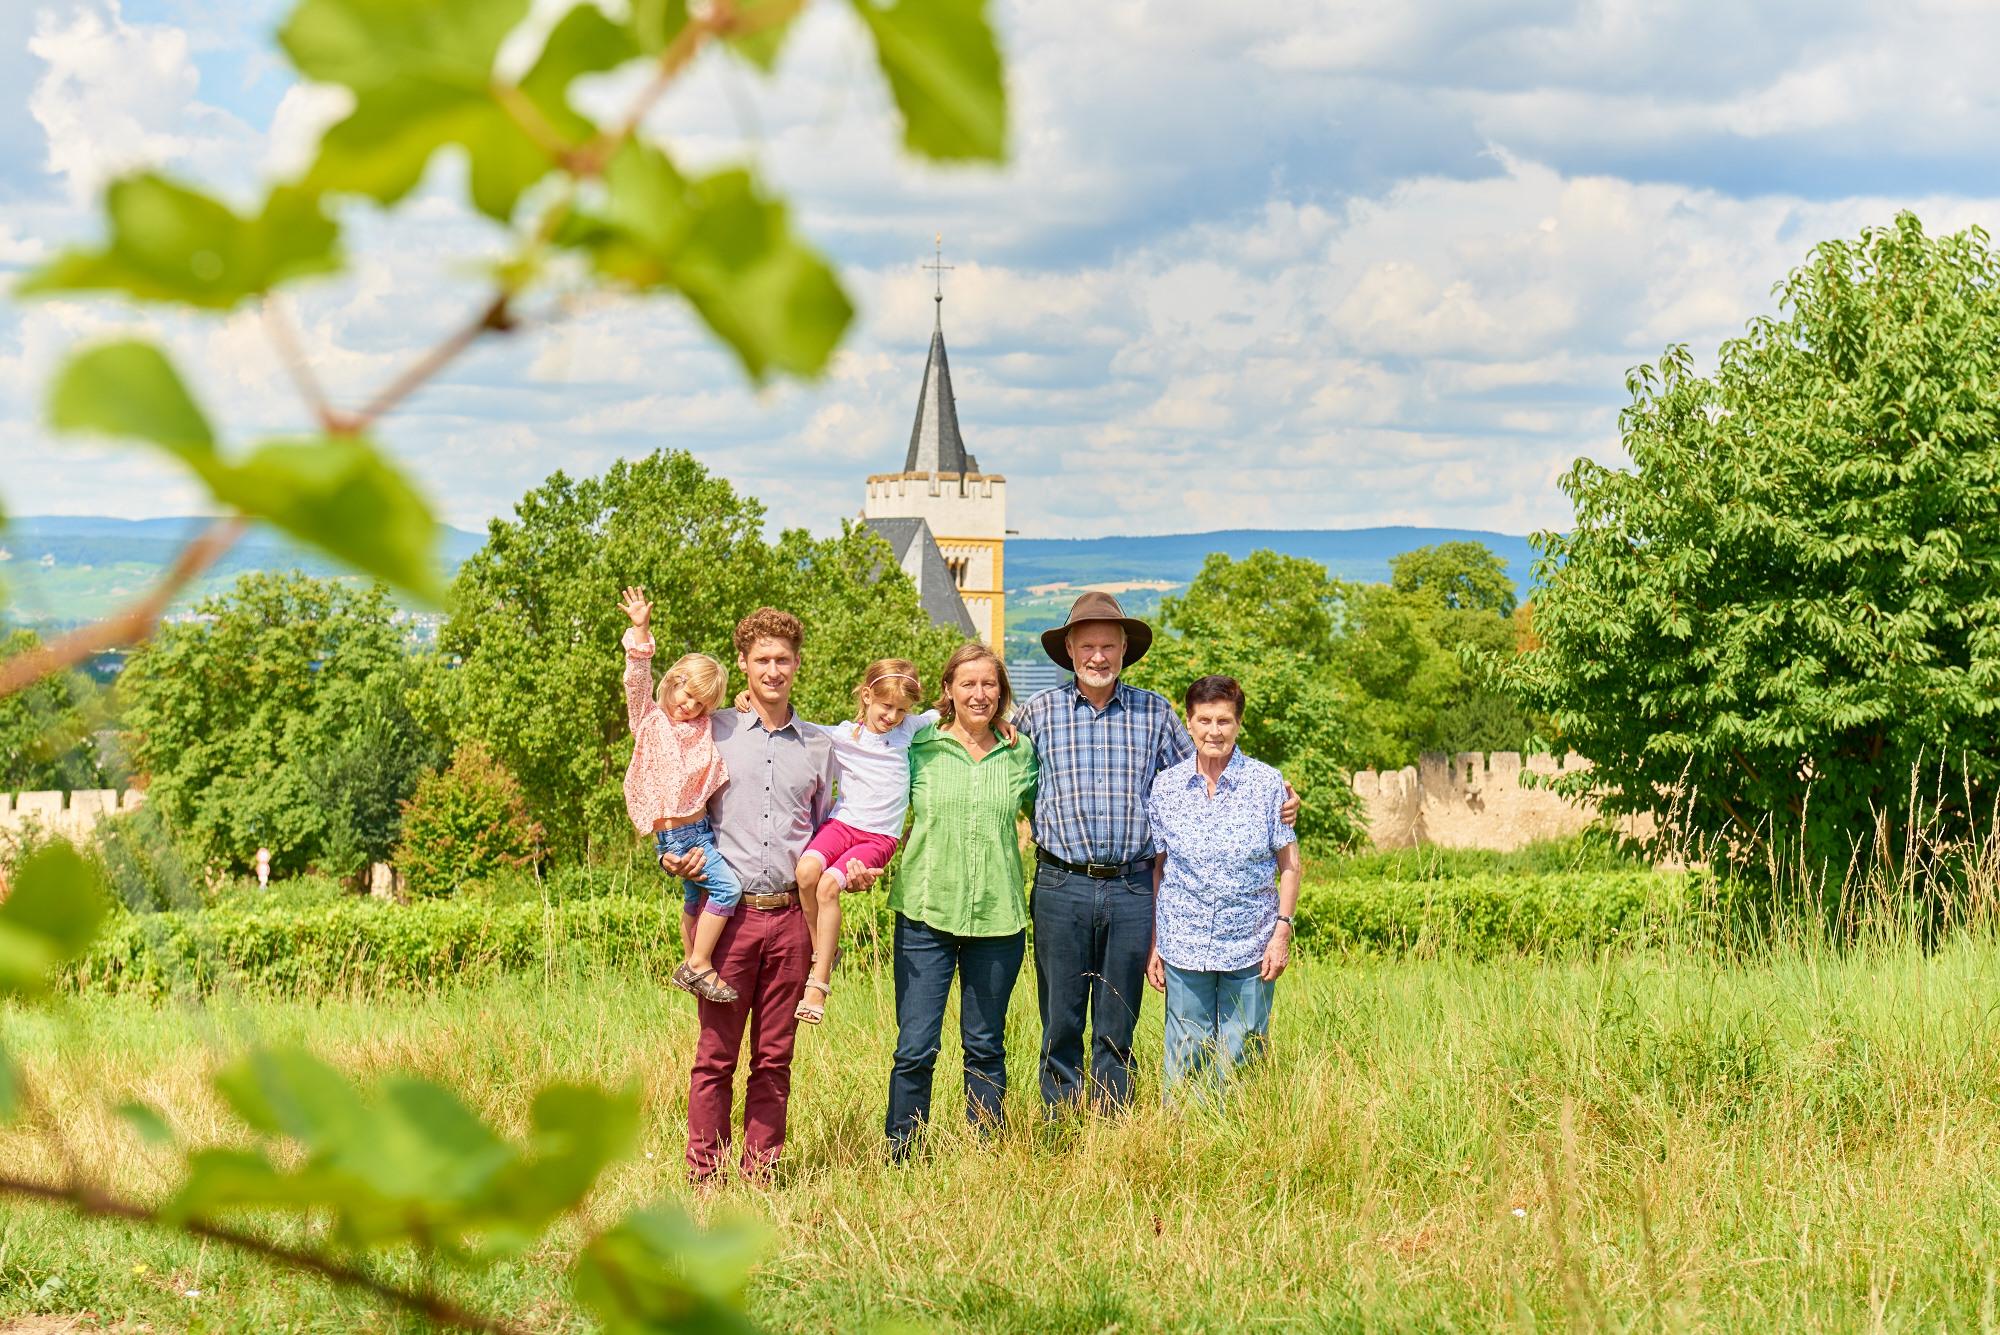 Familie Hamm, mit der Burgkirche im Hintergrund